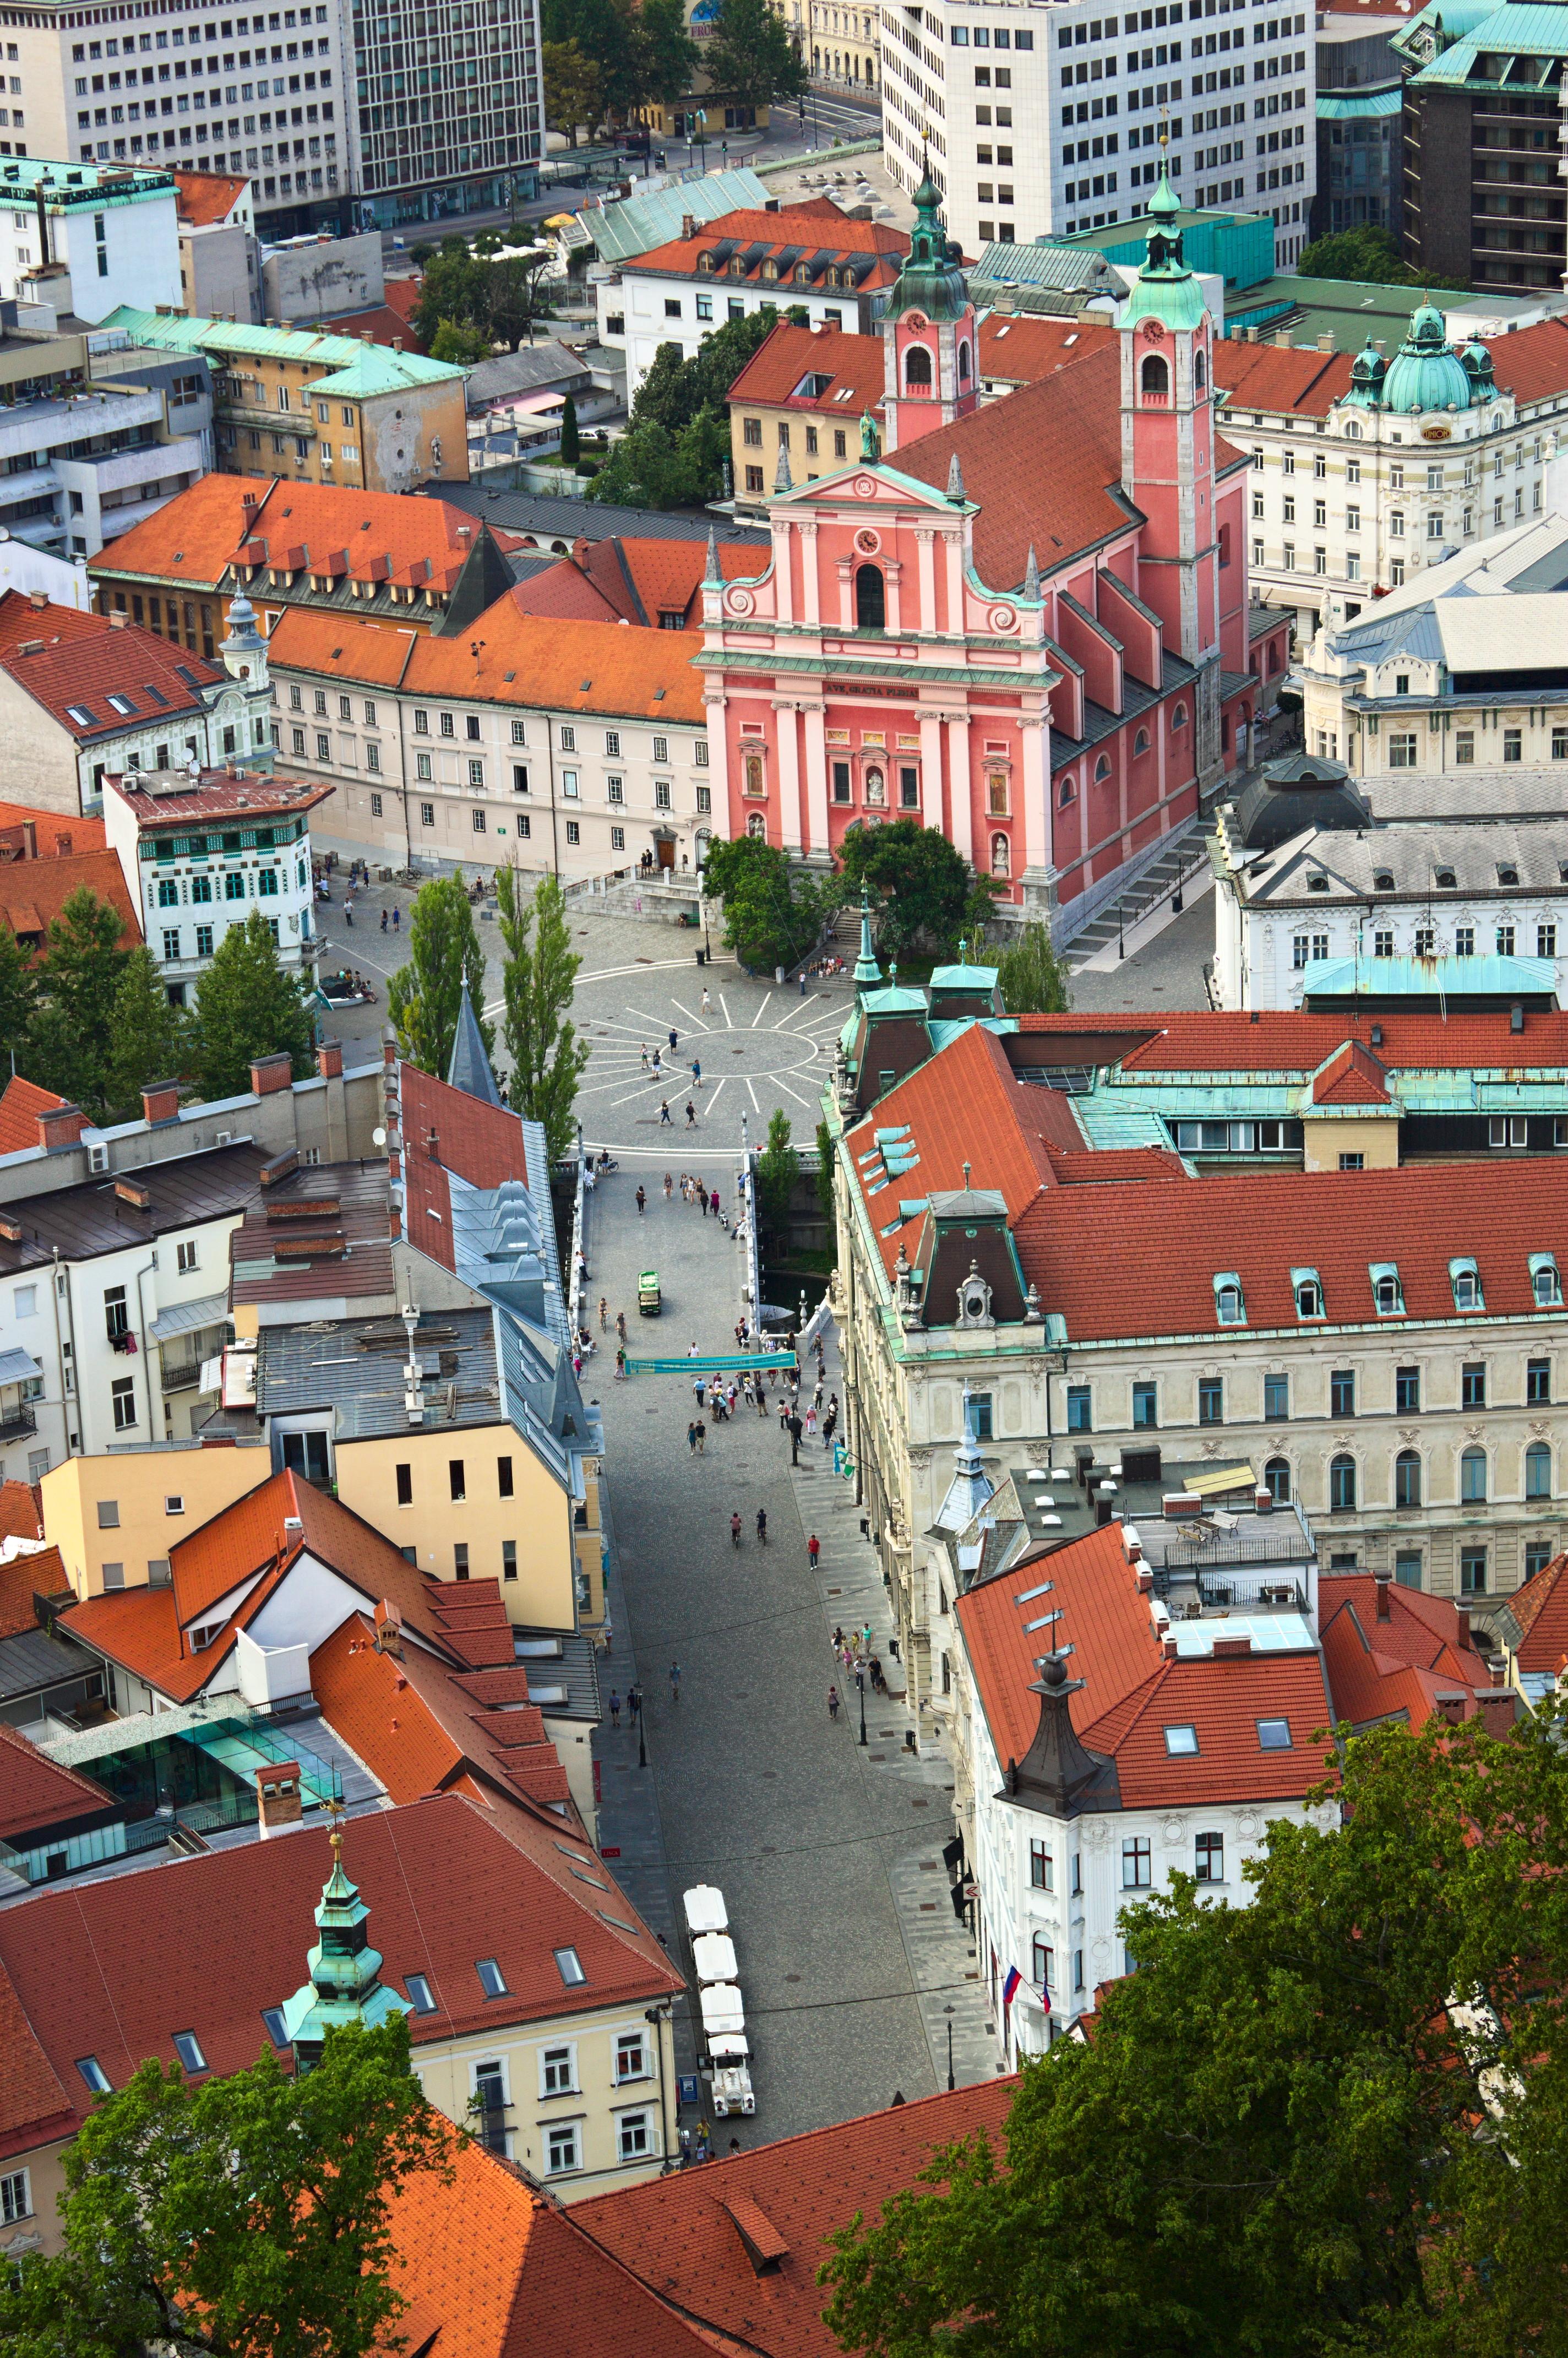 Finden Sie die besten Hunde-freundlichen Hotels in Ljubljana mit Wählen Sie aus mehr als 192 Hotels und sparen Sie viel Geld.